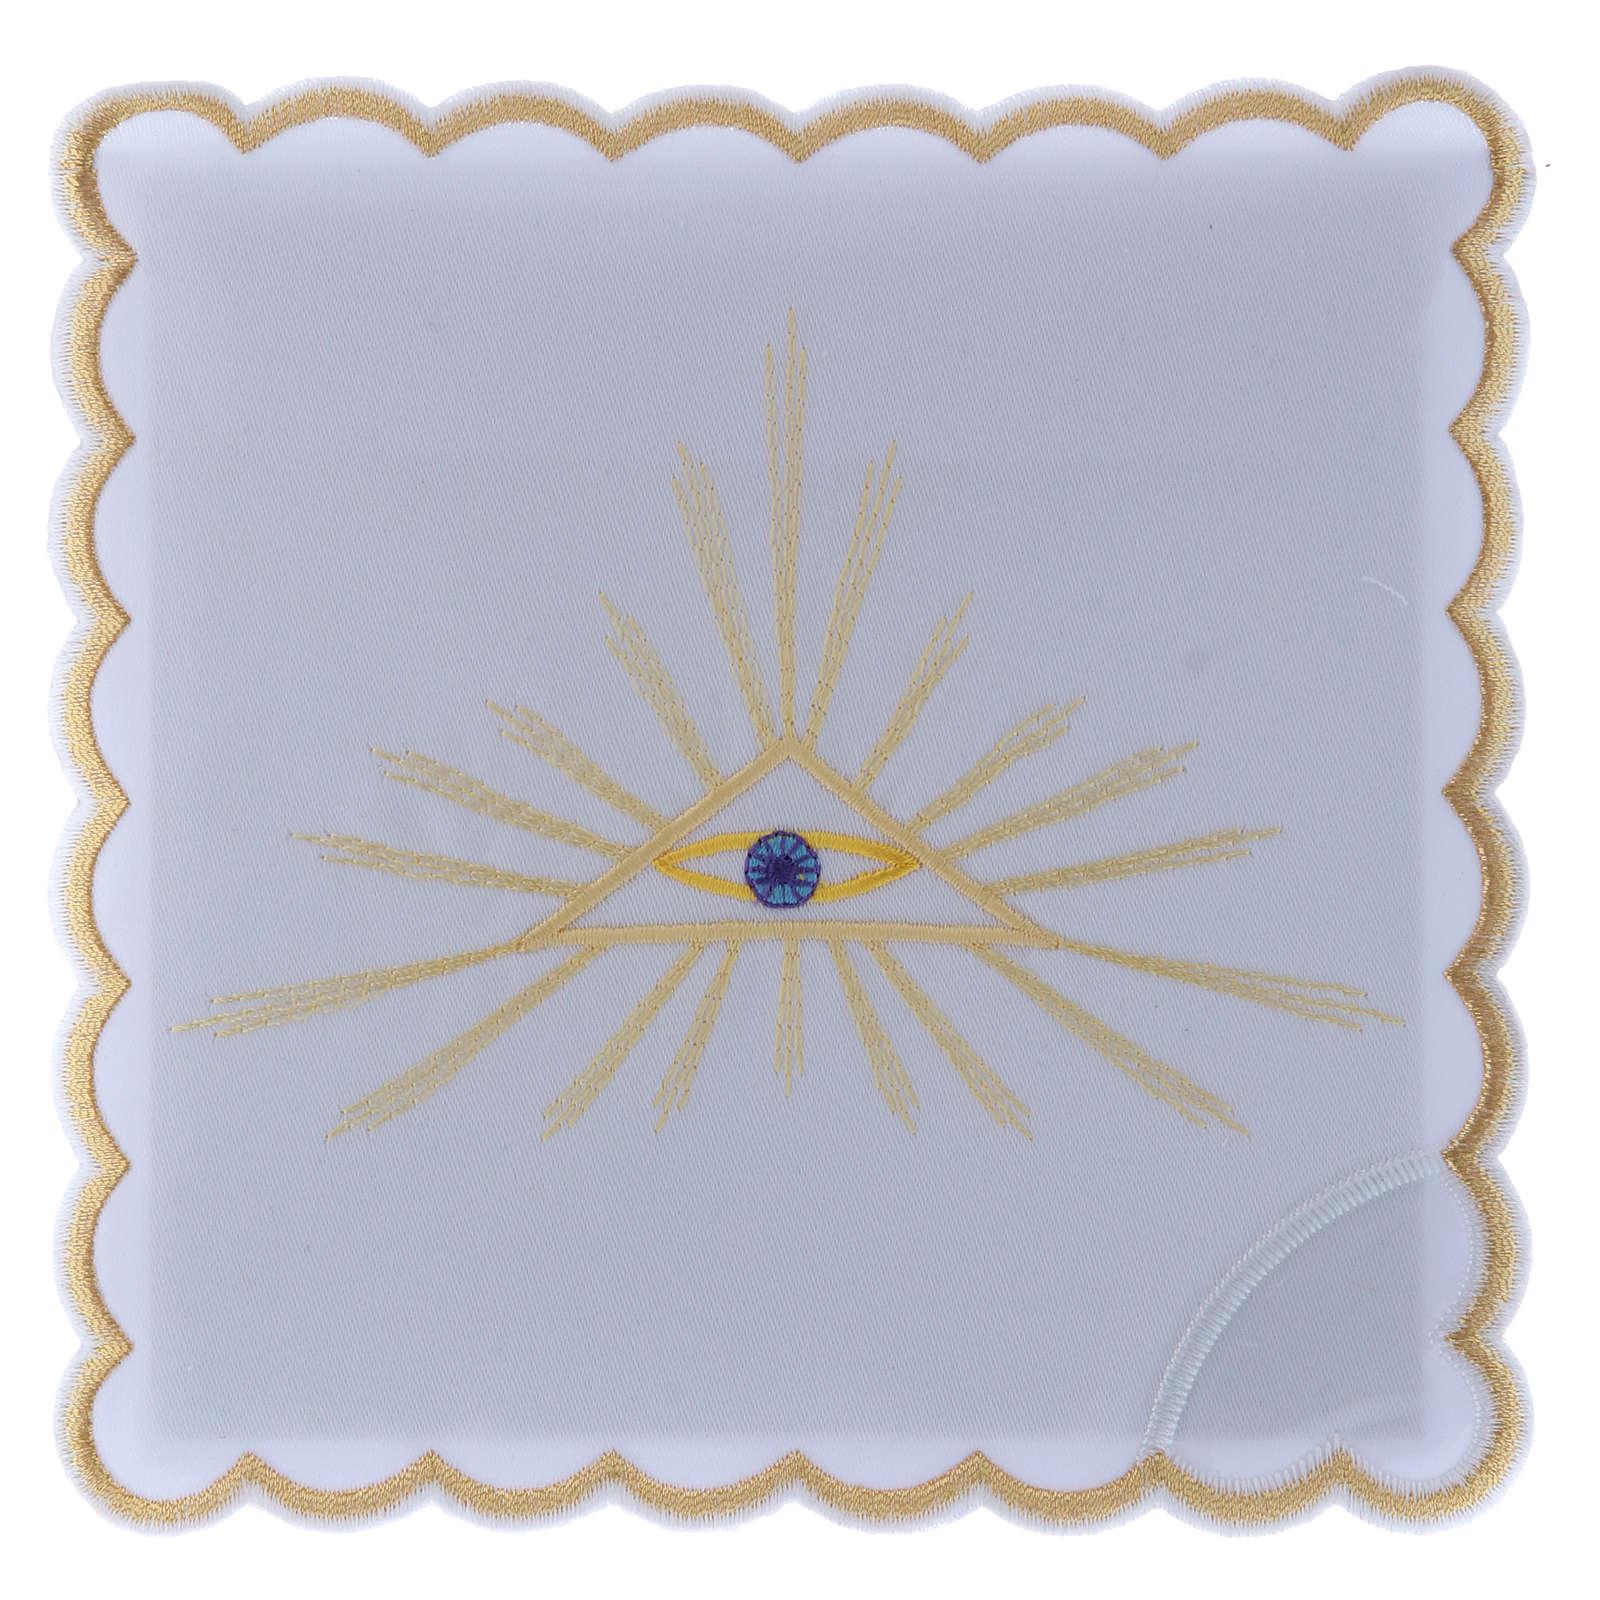 Servicio de altar algodón rayos dorados y Ojo de Dios 4